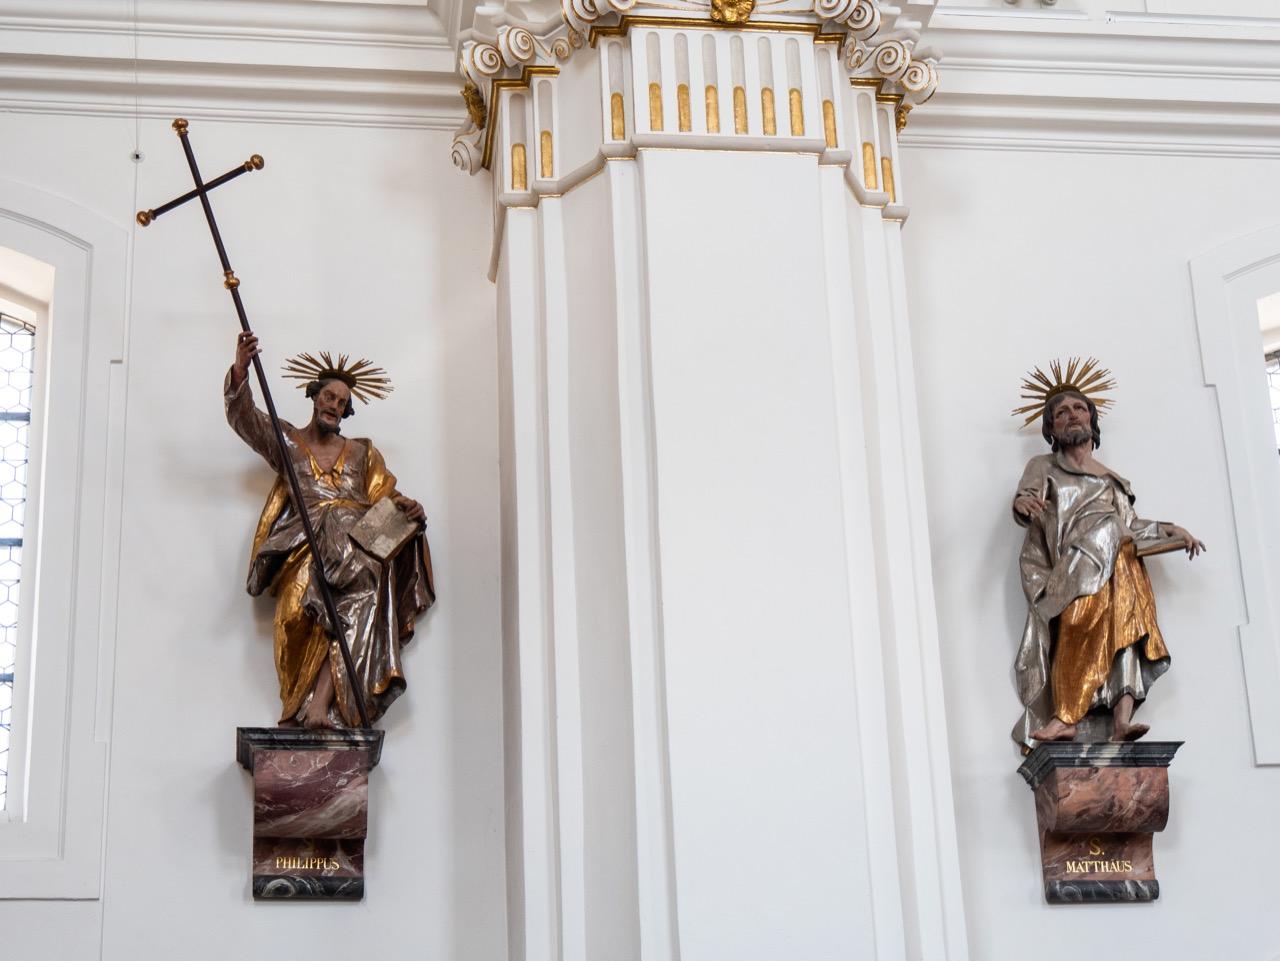 Apostelfiguren der hl. Philippus und Matthäus